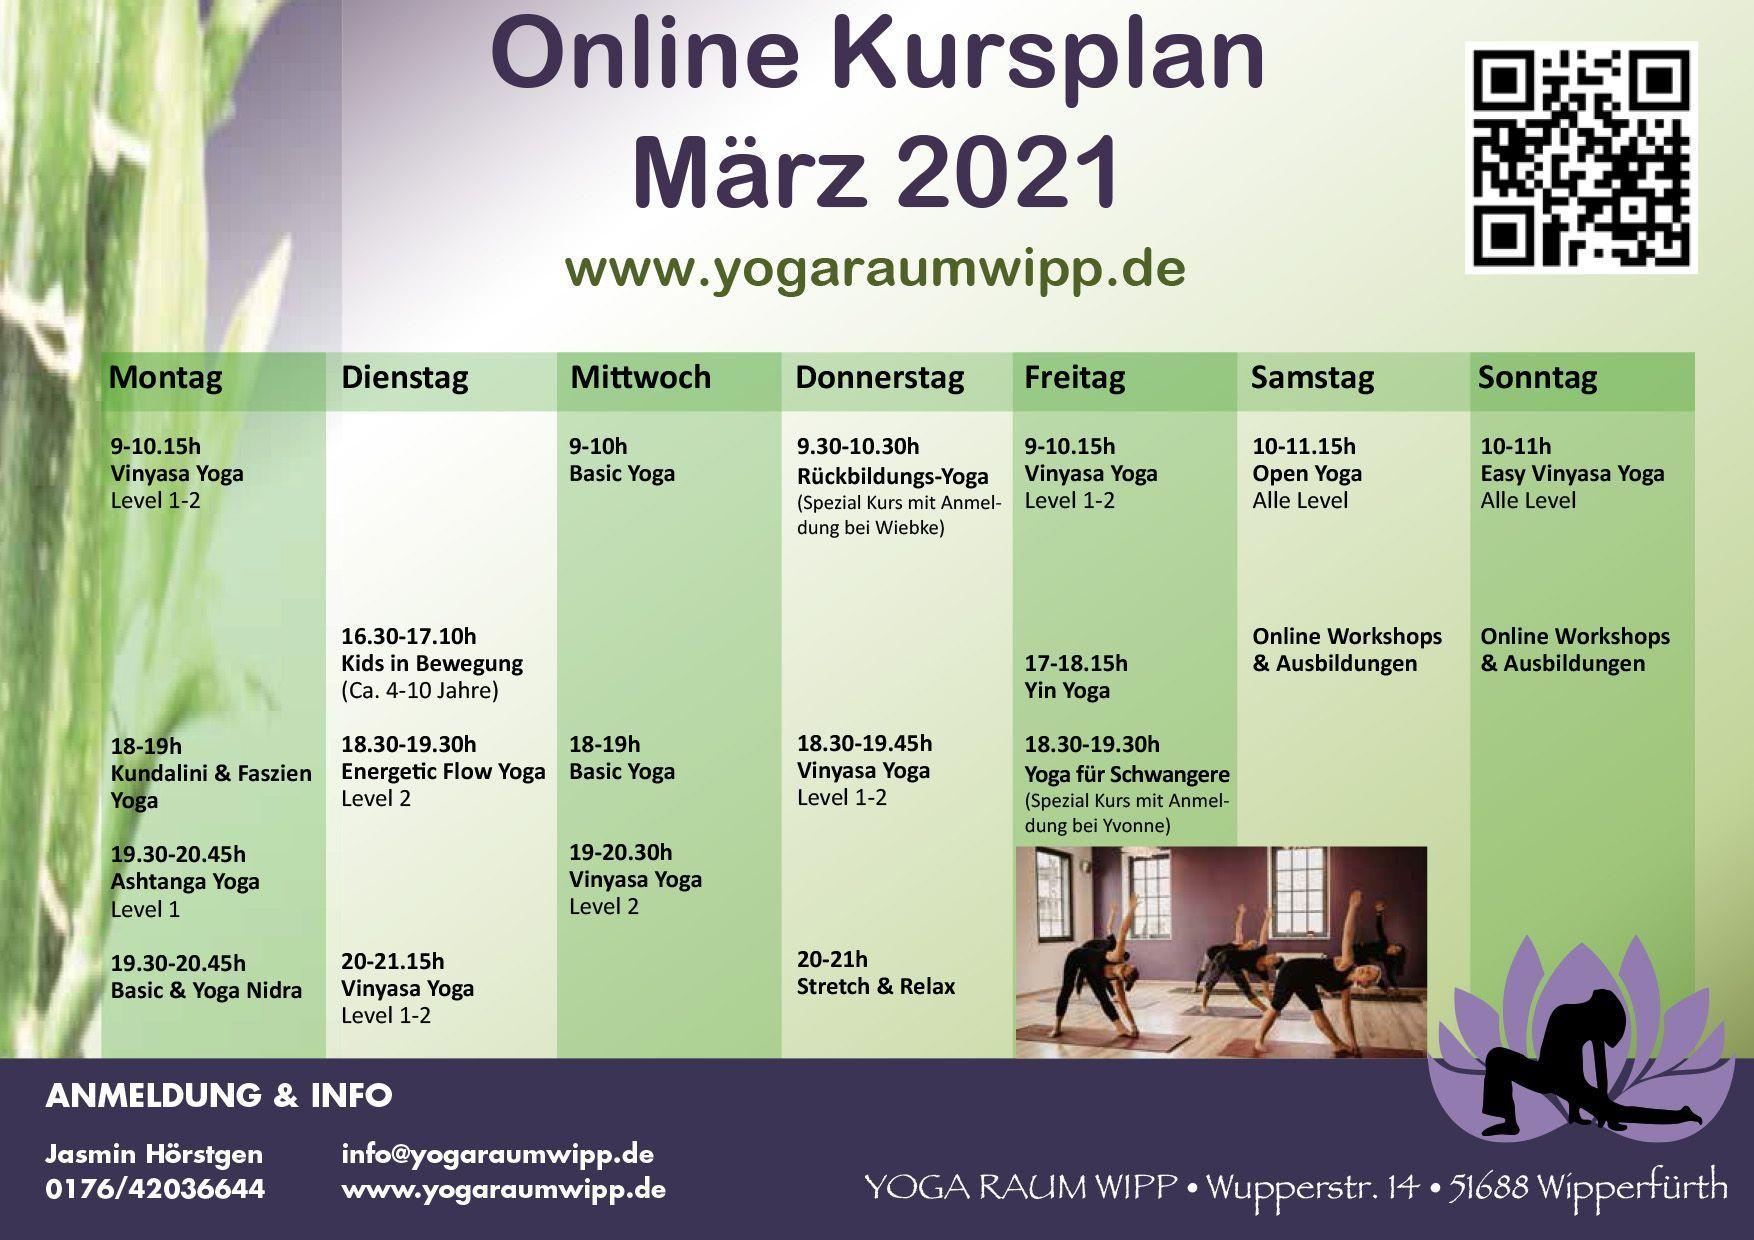 Kursplan März 2021 | Yoga Raum Wipp